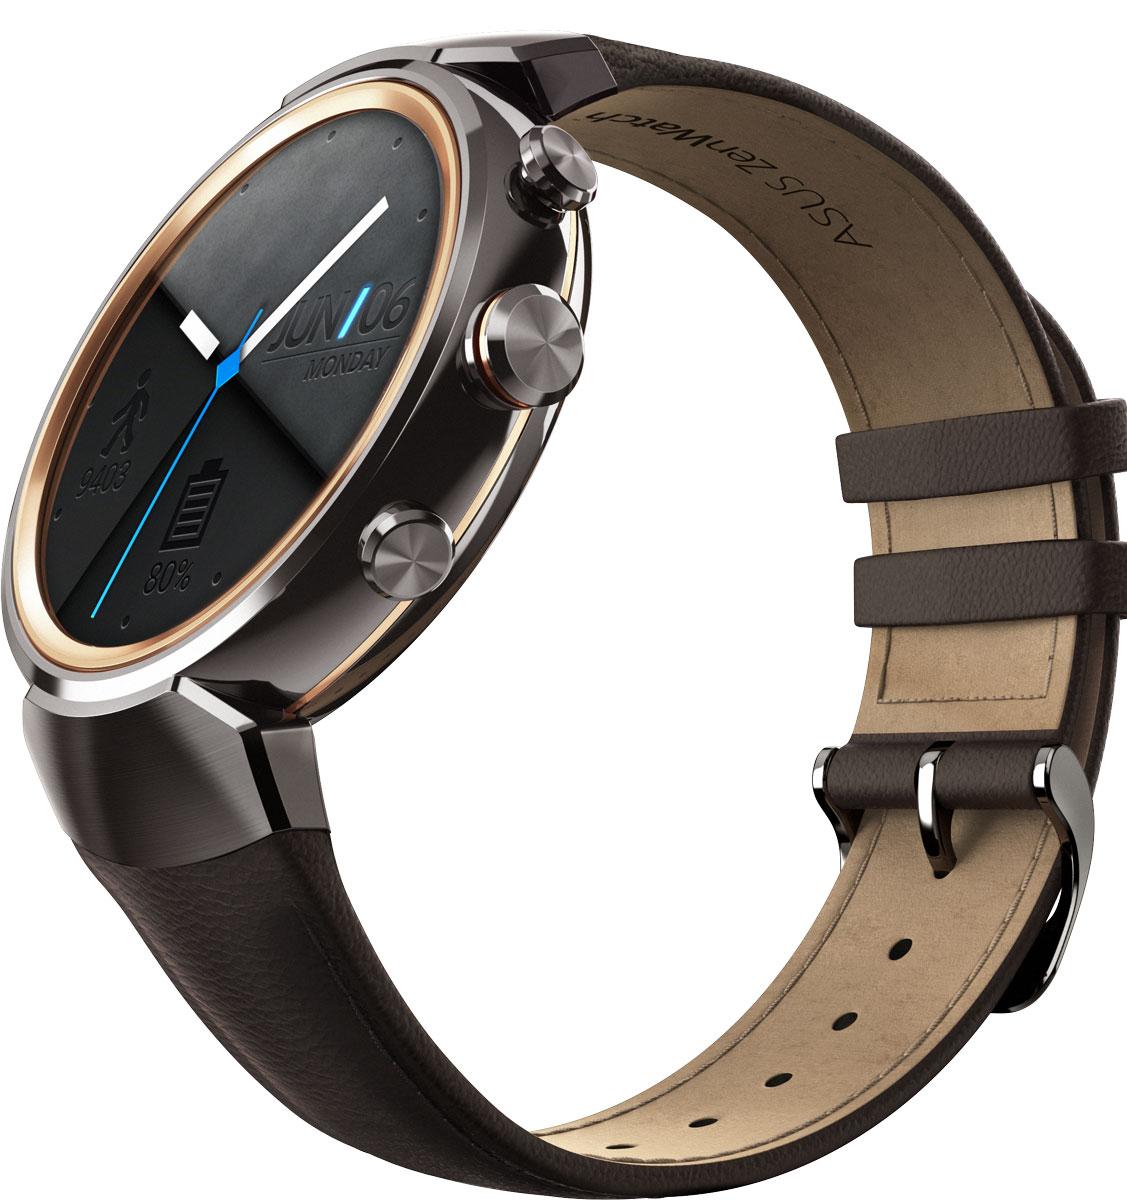 ASUS ZenWatch 3 WI503Q, Brown смарт-часыWI503Q-1LDBR0008ASUS ZenWatch 3 – это современное цифровое устройство, выполненное в соответствии с давними традициями часового искусства из высококачественных материалов и с вниманием к каждой детали. Эти часы умеют делать гораздо больше, чем просто показывать время, а благодаря широким возможностям по персонализации их интерфейса вы легко можете настроить их по своему вкусу. Длительное время автономной работы и технология быстрой подзарядки аккумулятора делают ASUS ZenWatch 3 по-настоящему мобильным устройством, которое всегда будет готово к работе. Своим внешним видом ASUS ZenWatch 3 ближе к традиционным часам, чем к современным цифровым гаджетам. Их стильный дизайн вдохновлен образом солнечного затмения, а широчайшая функциональность реализована с безупречным мастерством. Корпус часов ZenWatch 3 изготовлен из ювелирной нержавеющей стали марки 316L, которая наделяет их не только превосходным внешним видом, но и долговечностью, ведь ее прочность на 82% выше по...